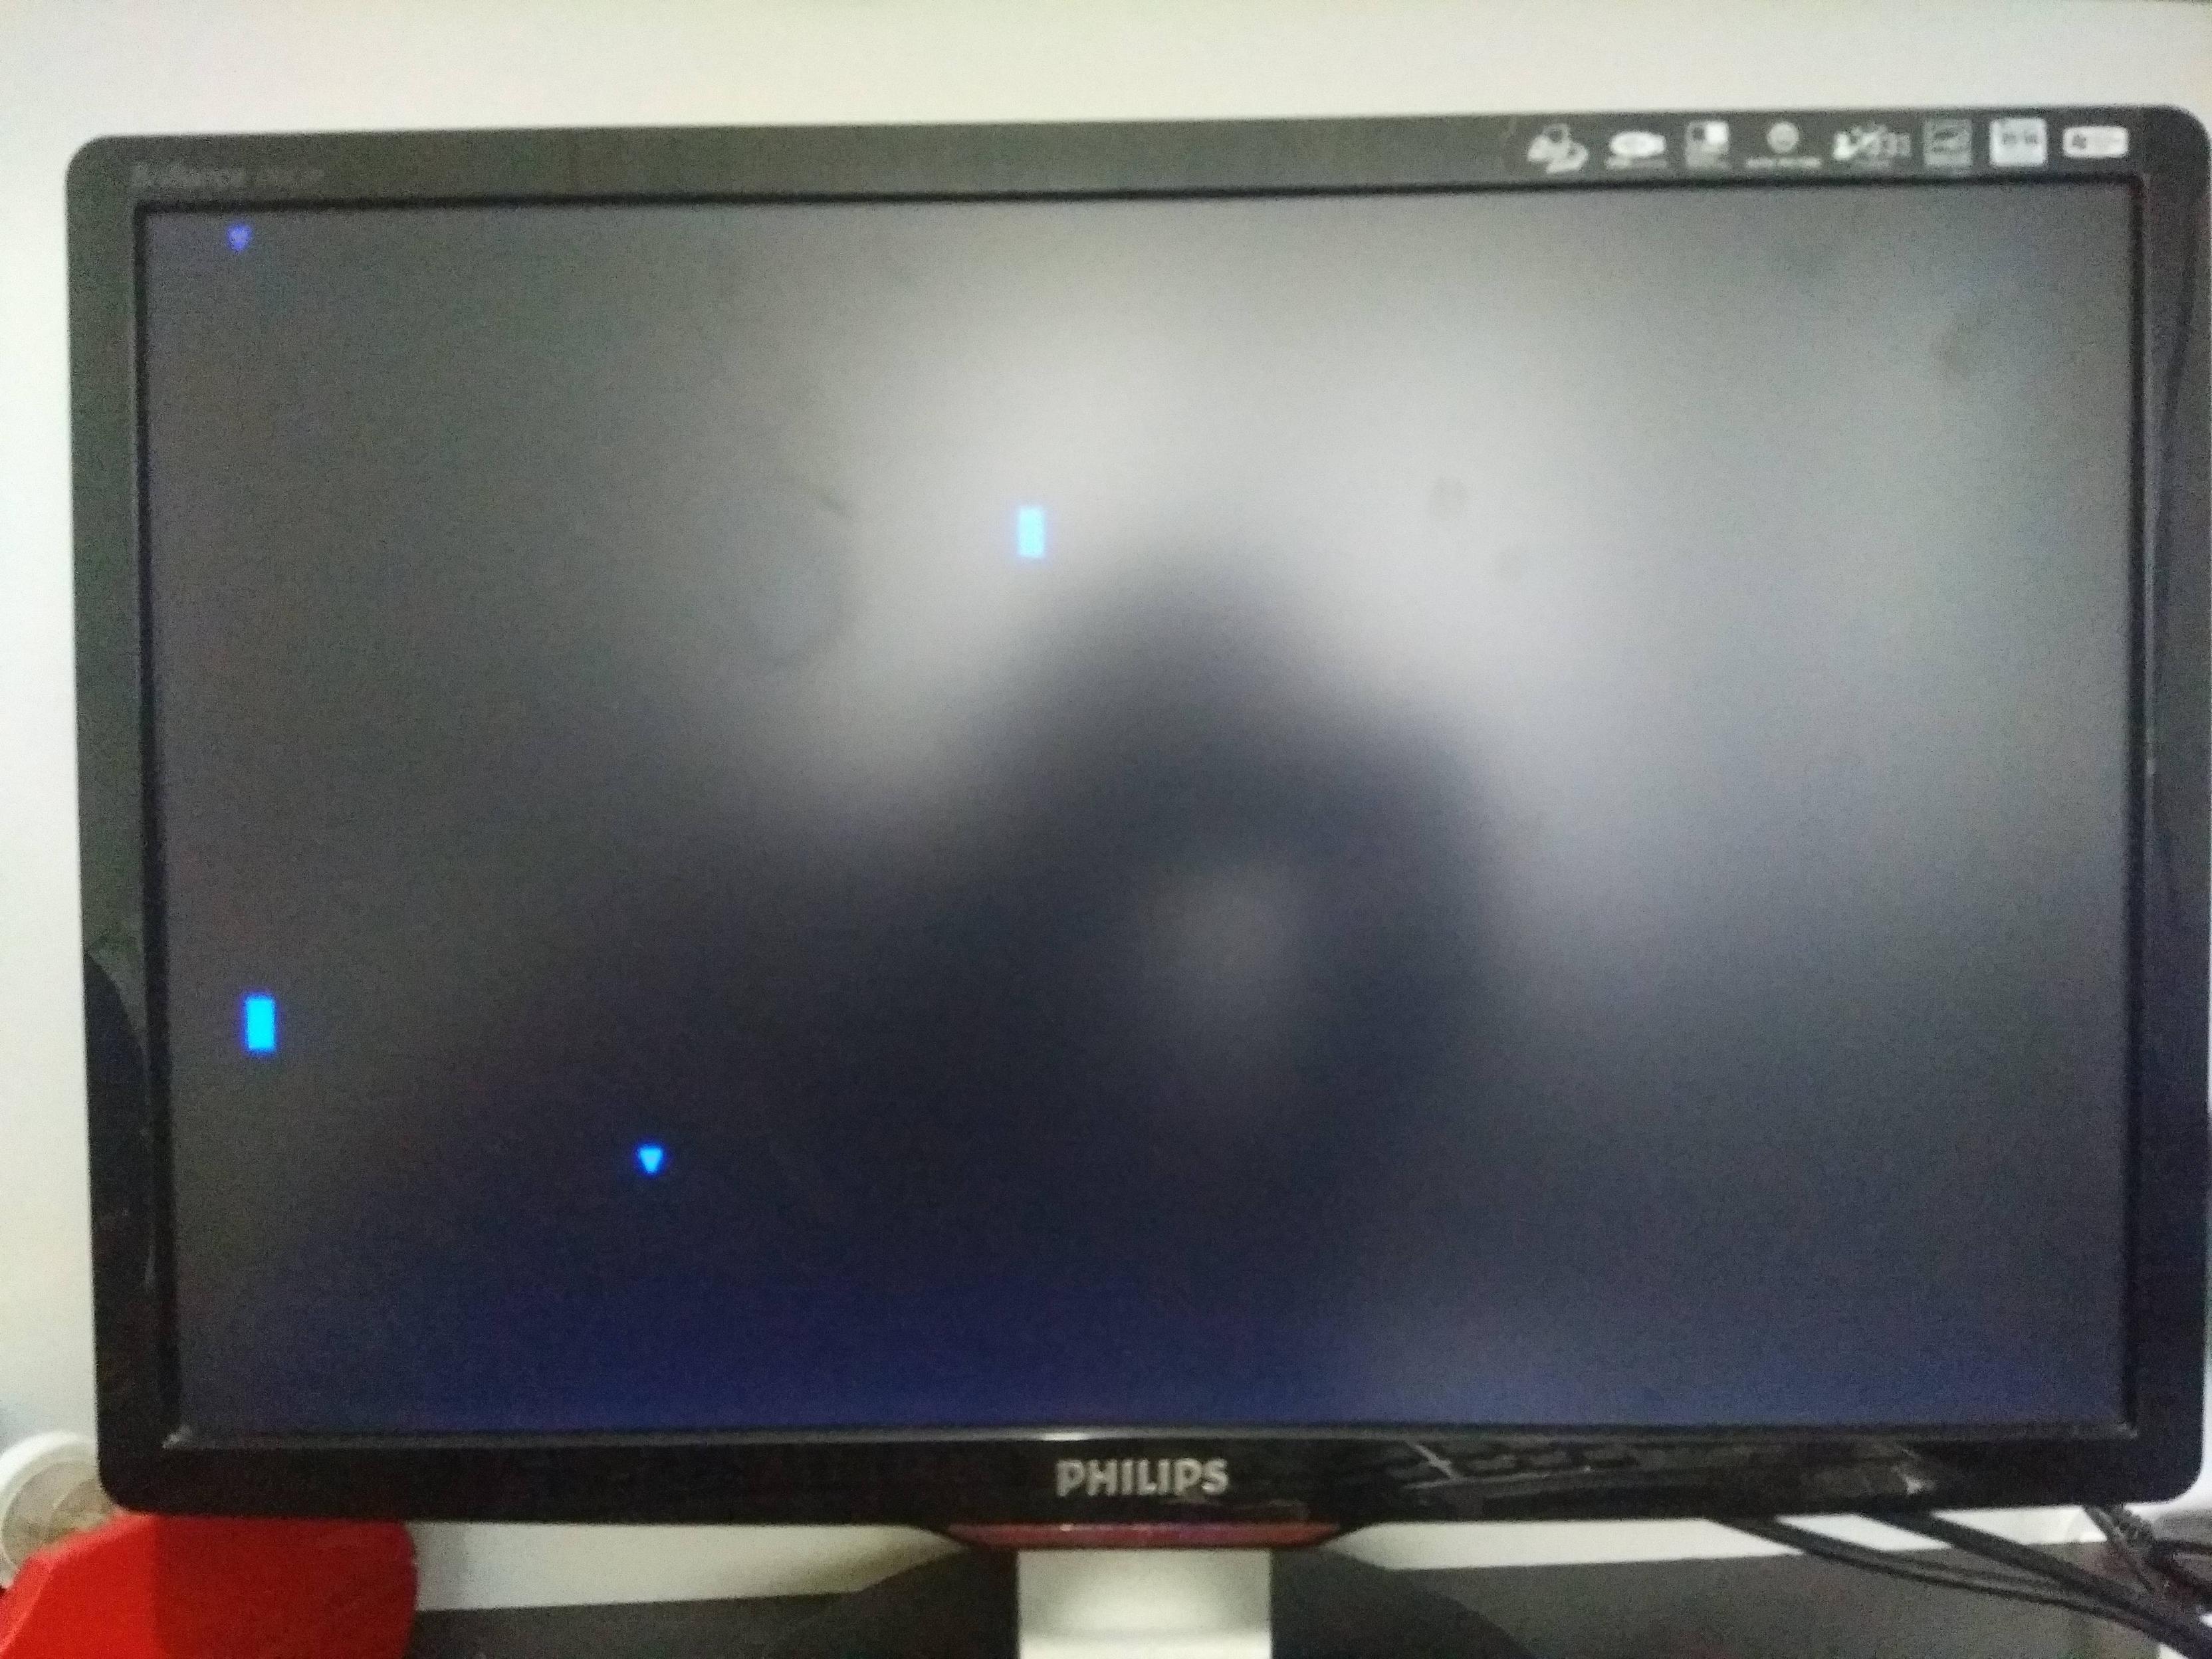 Neden bilgisayar açılmıyor